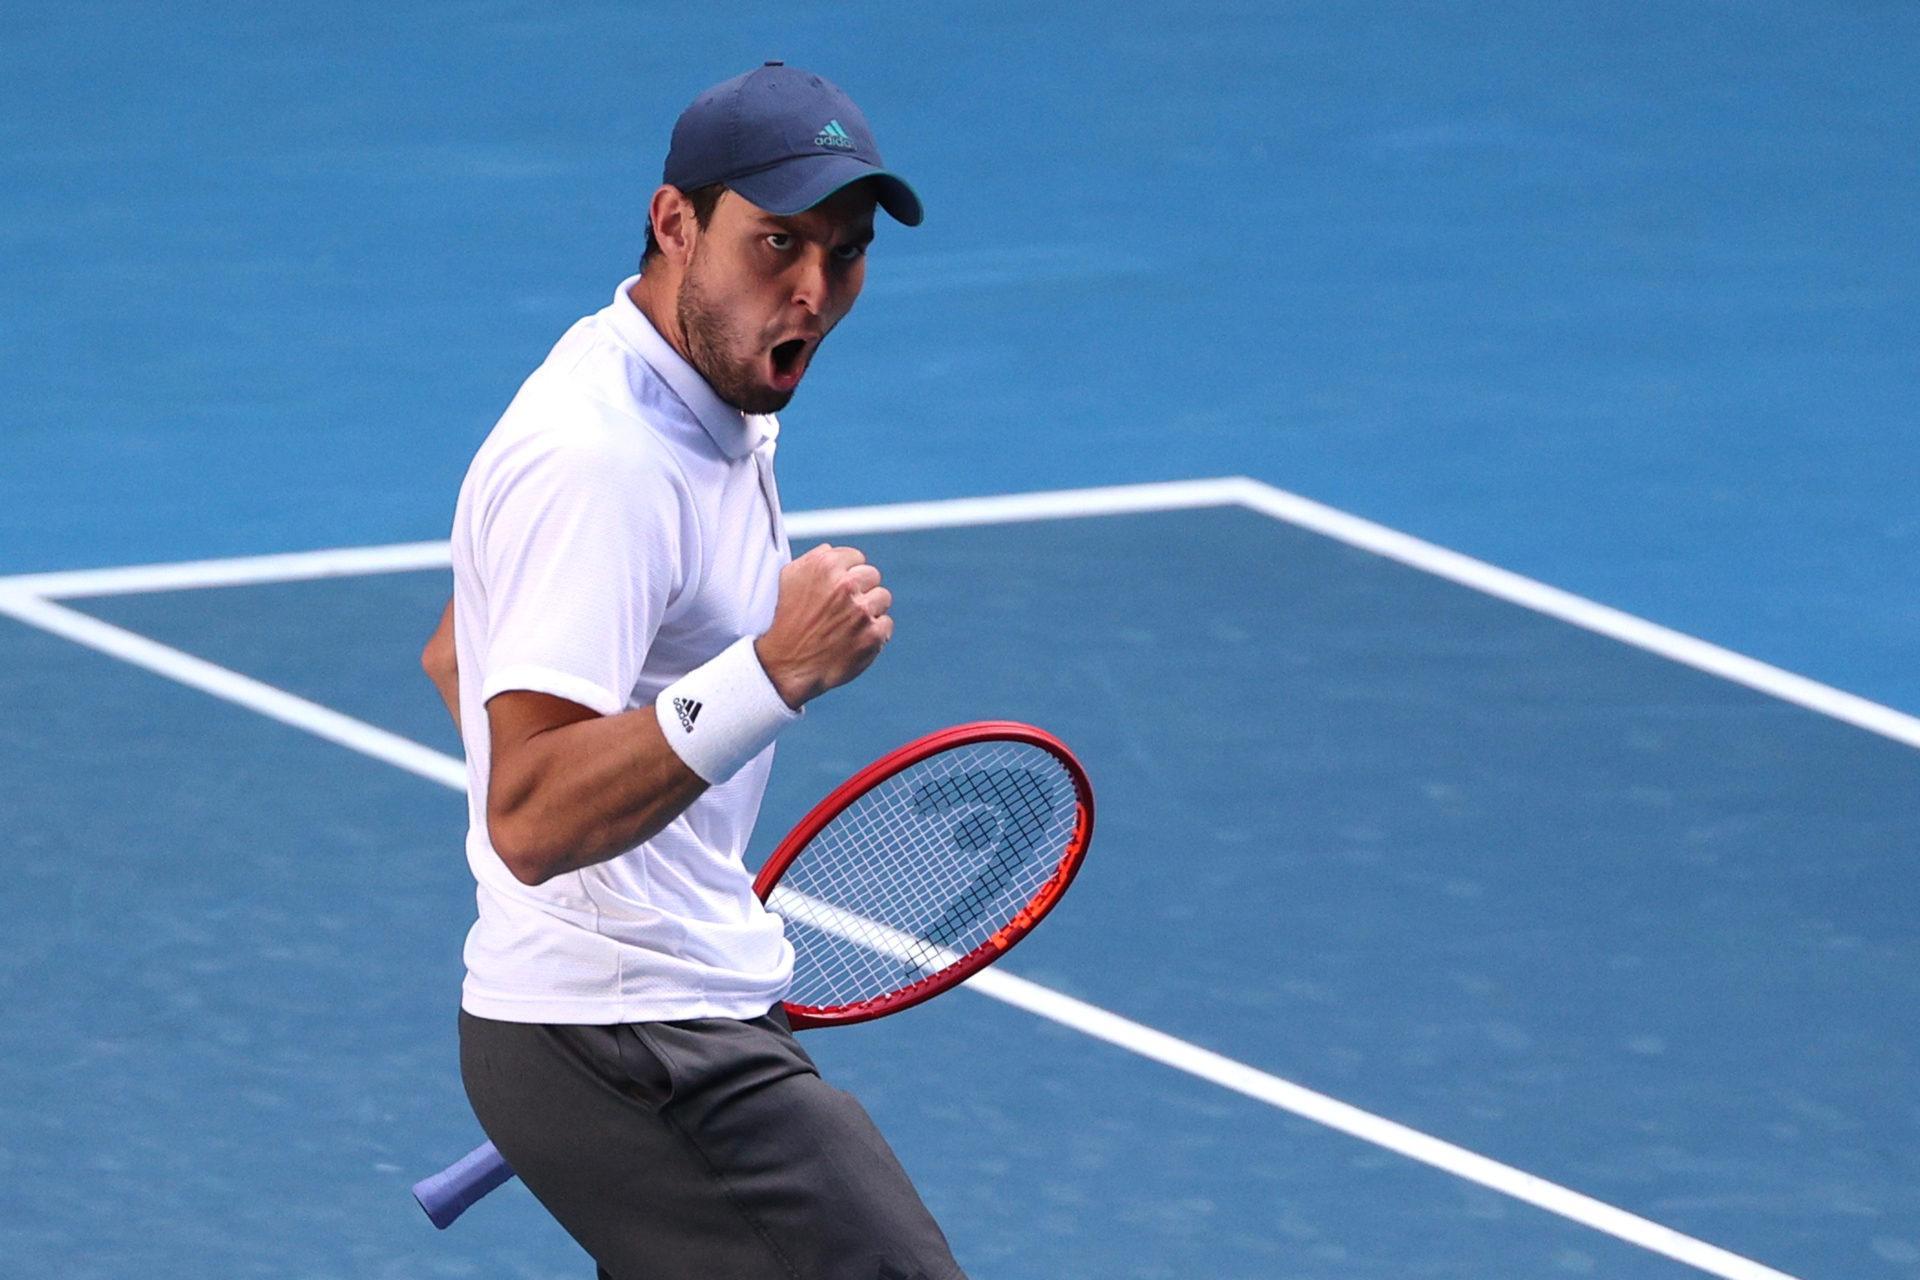 Карацев прокомментировал сенсационный выход в полуфинал Australian Open